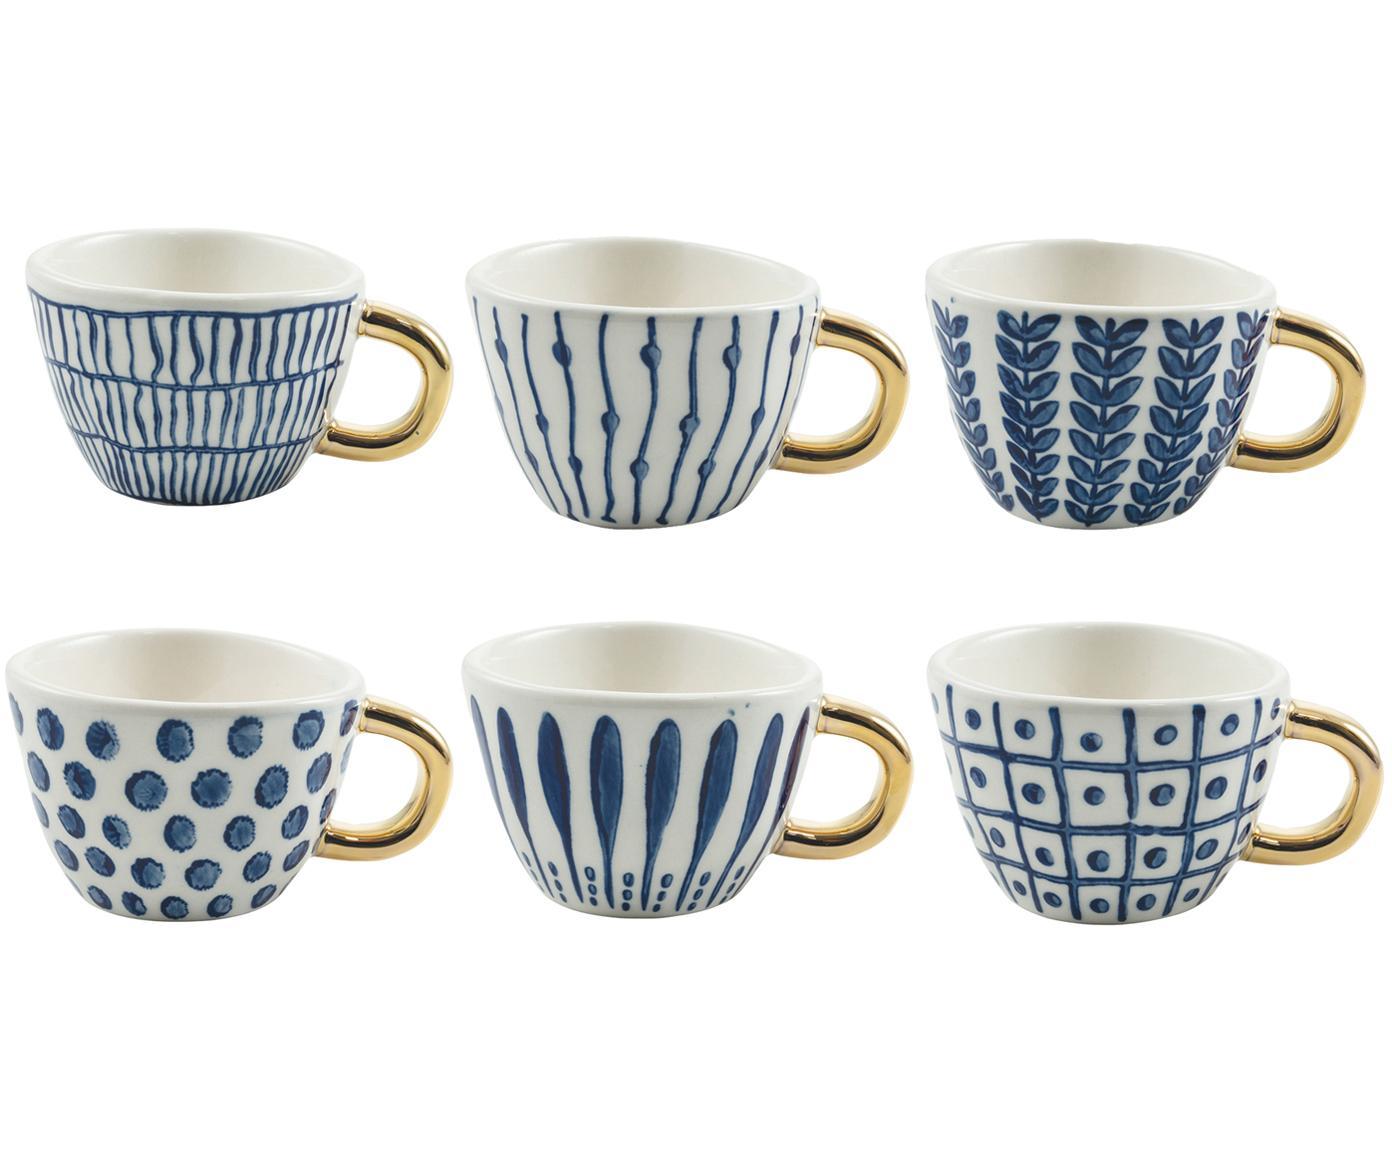 Kubek do kawy Masai, 6 elem., Kamionka, Niebieski, biały, odcienie złotego, Ø 7 x W 5 cm